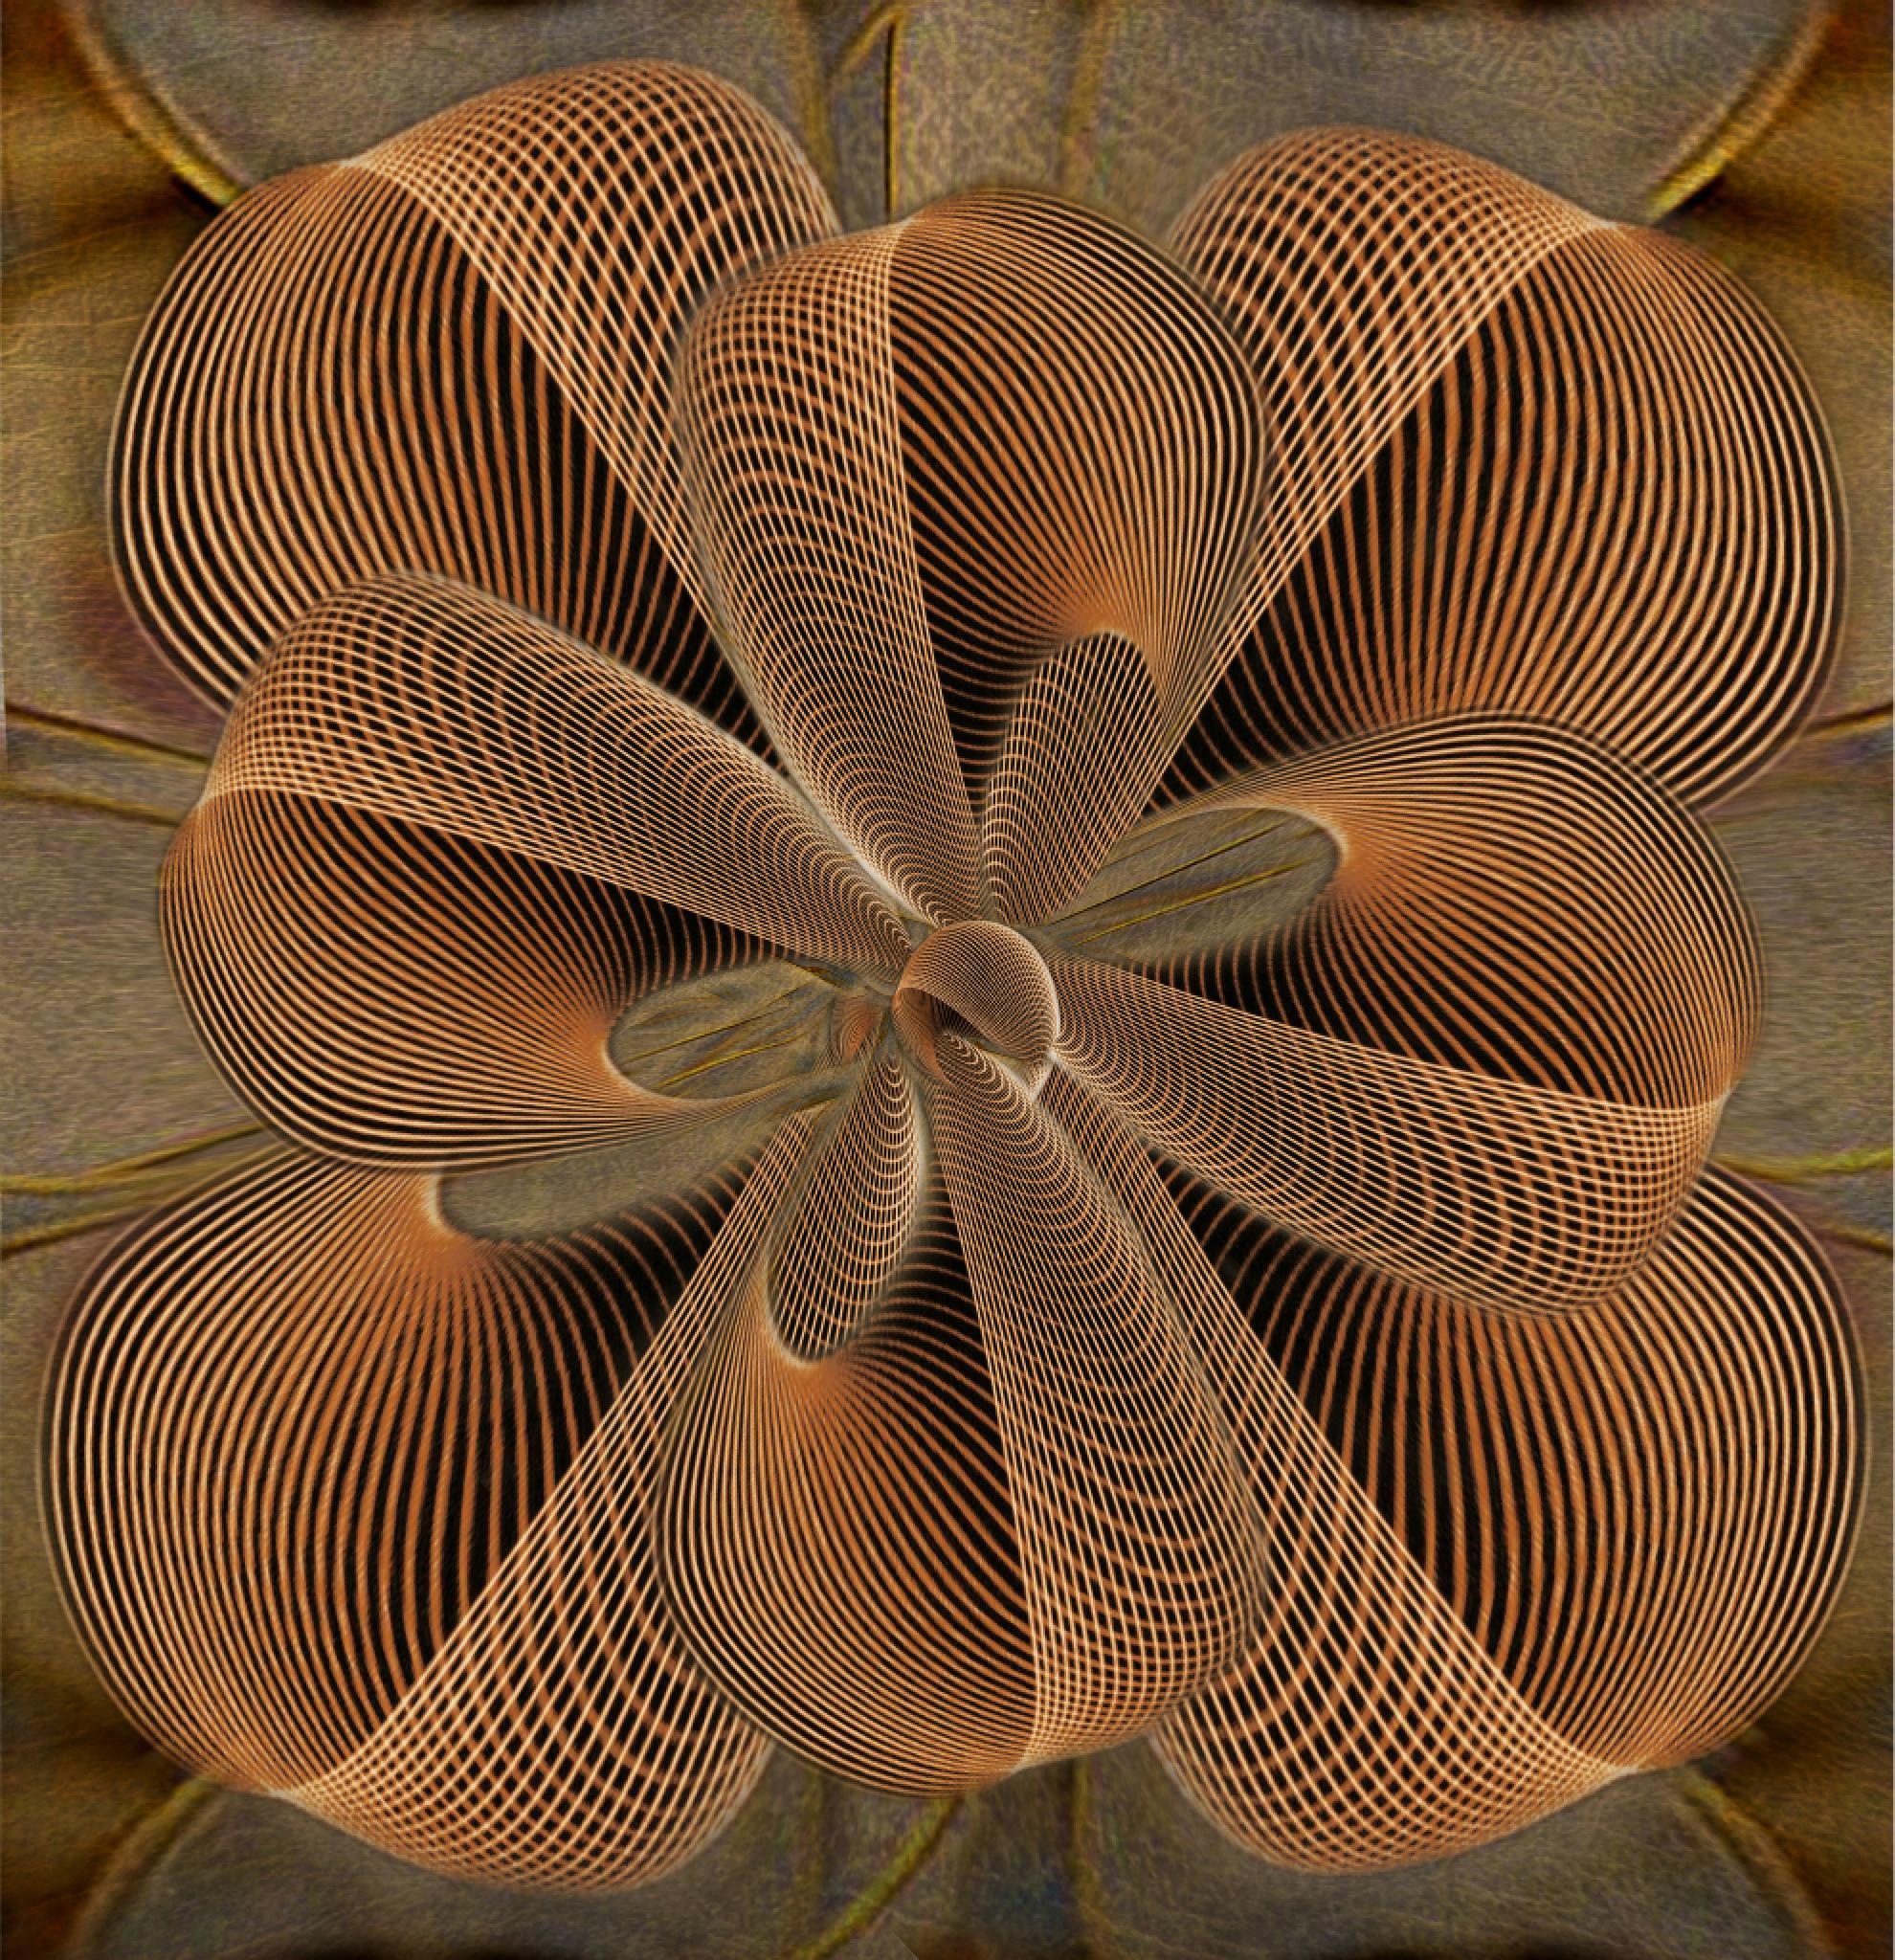 DESERT ROSE by carmenvelcic